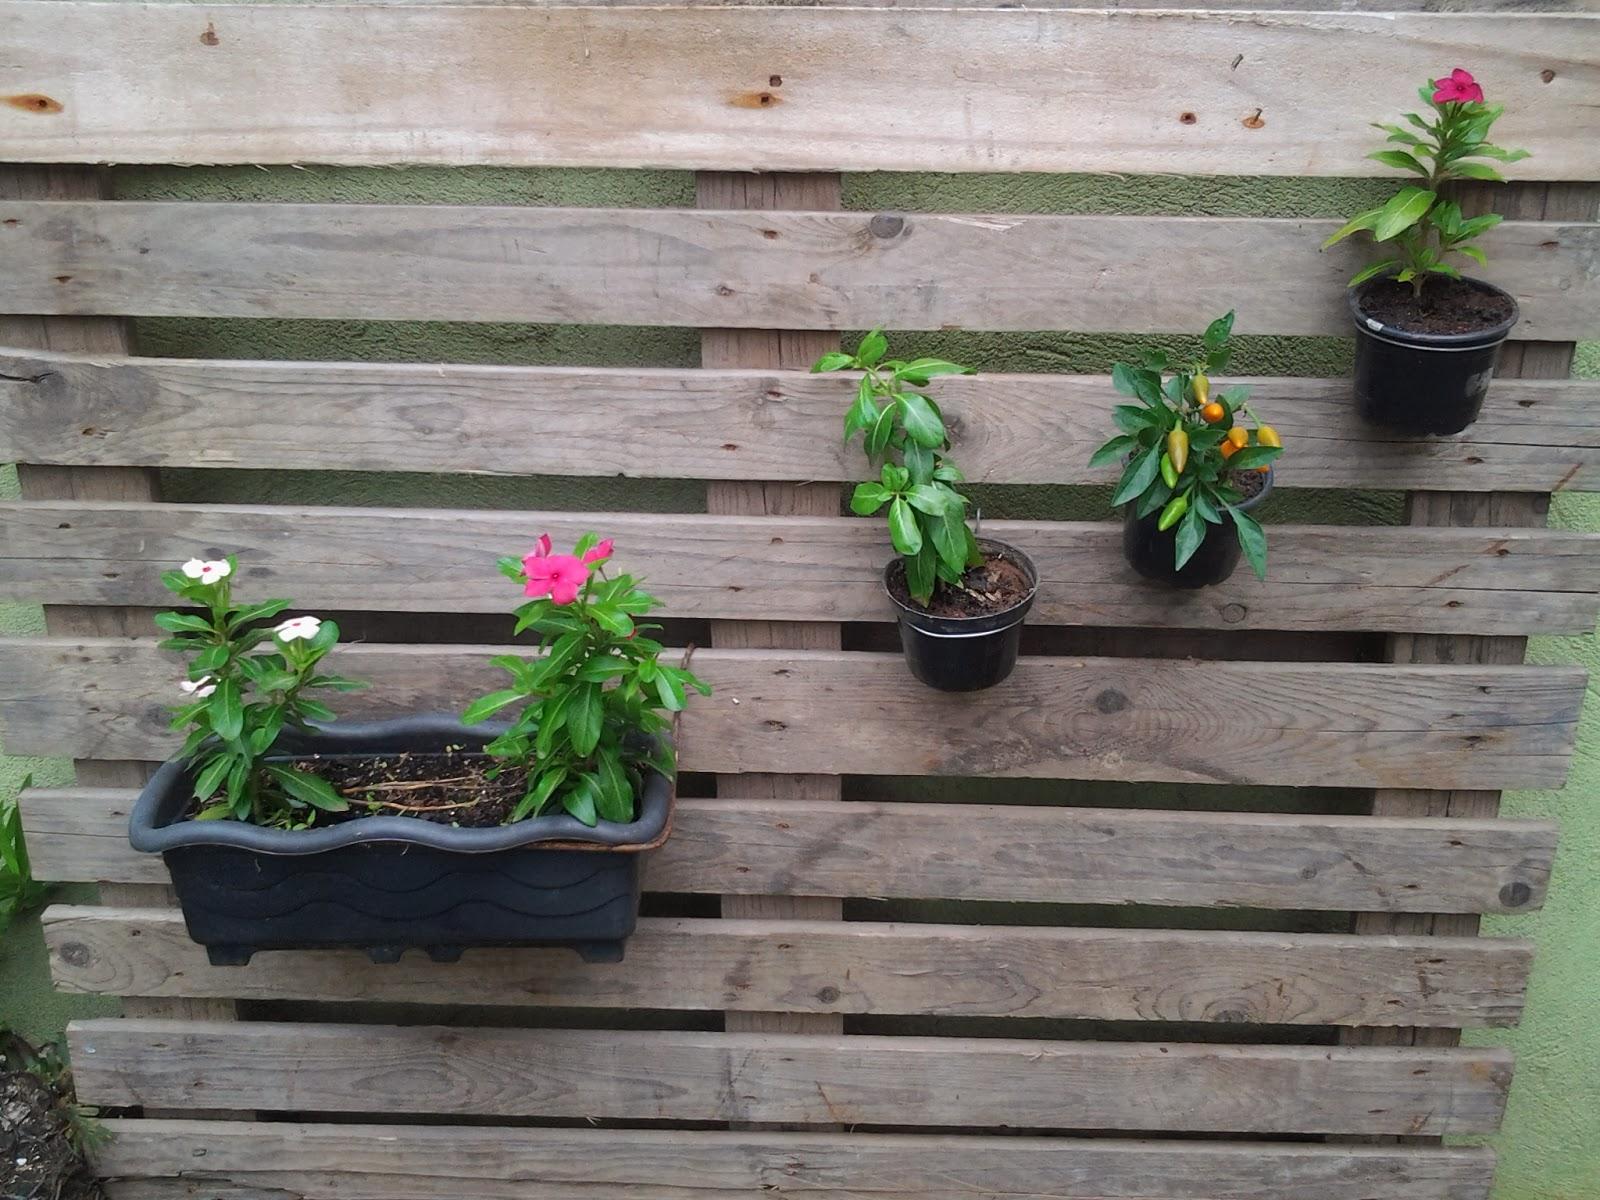 quintal jardim vertical:Depois ele fez uma armação de arame para cada tipo de vaso. Para os